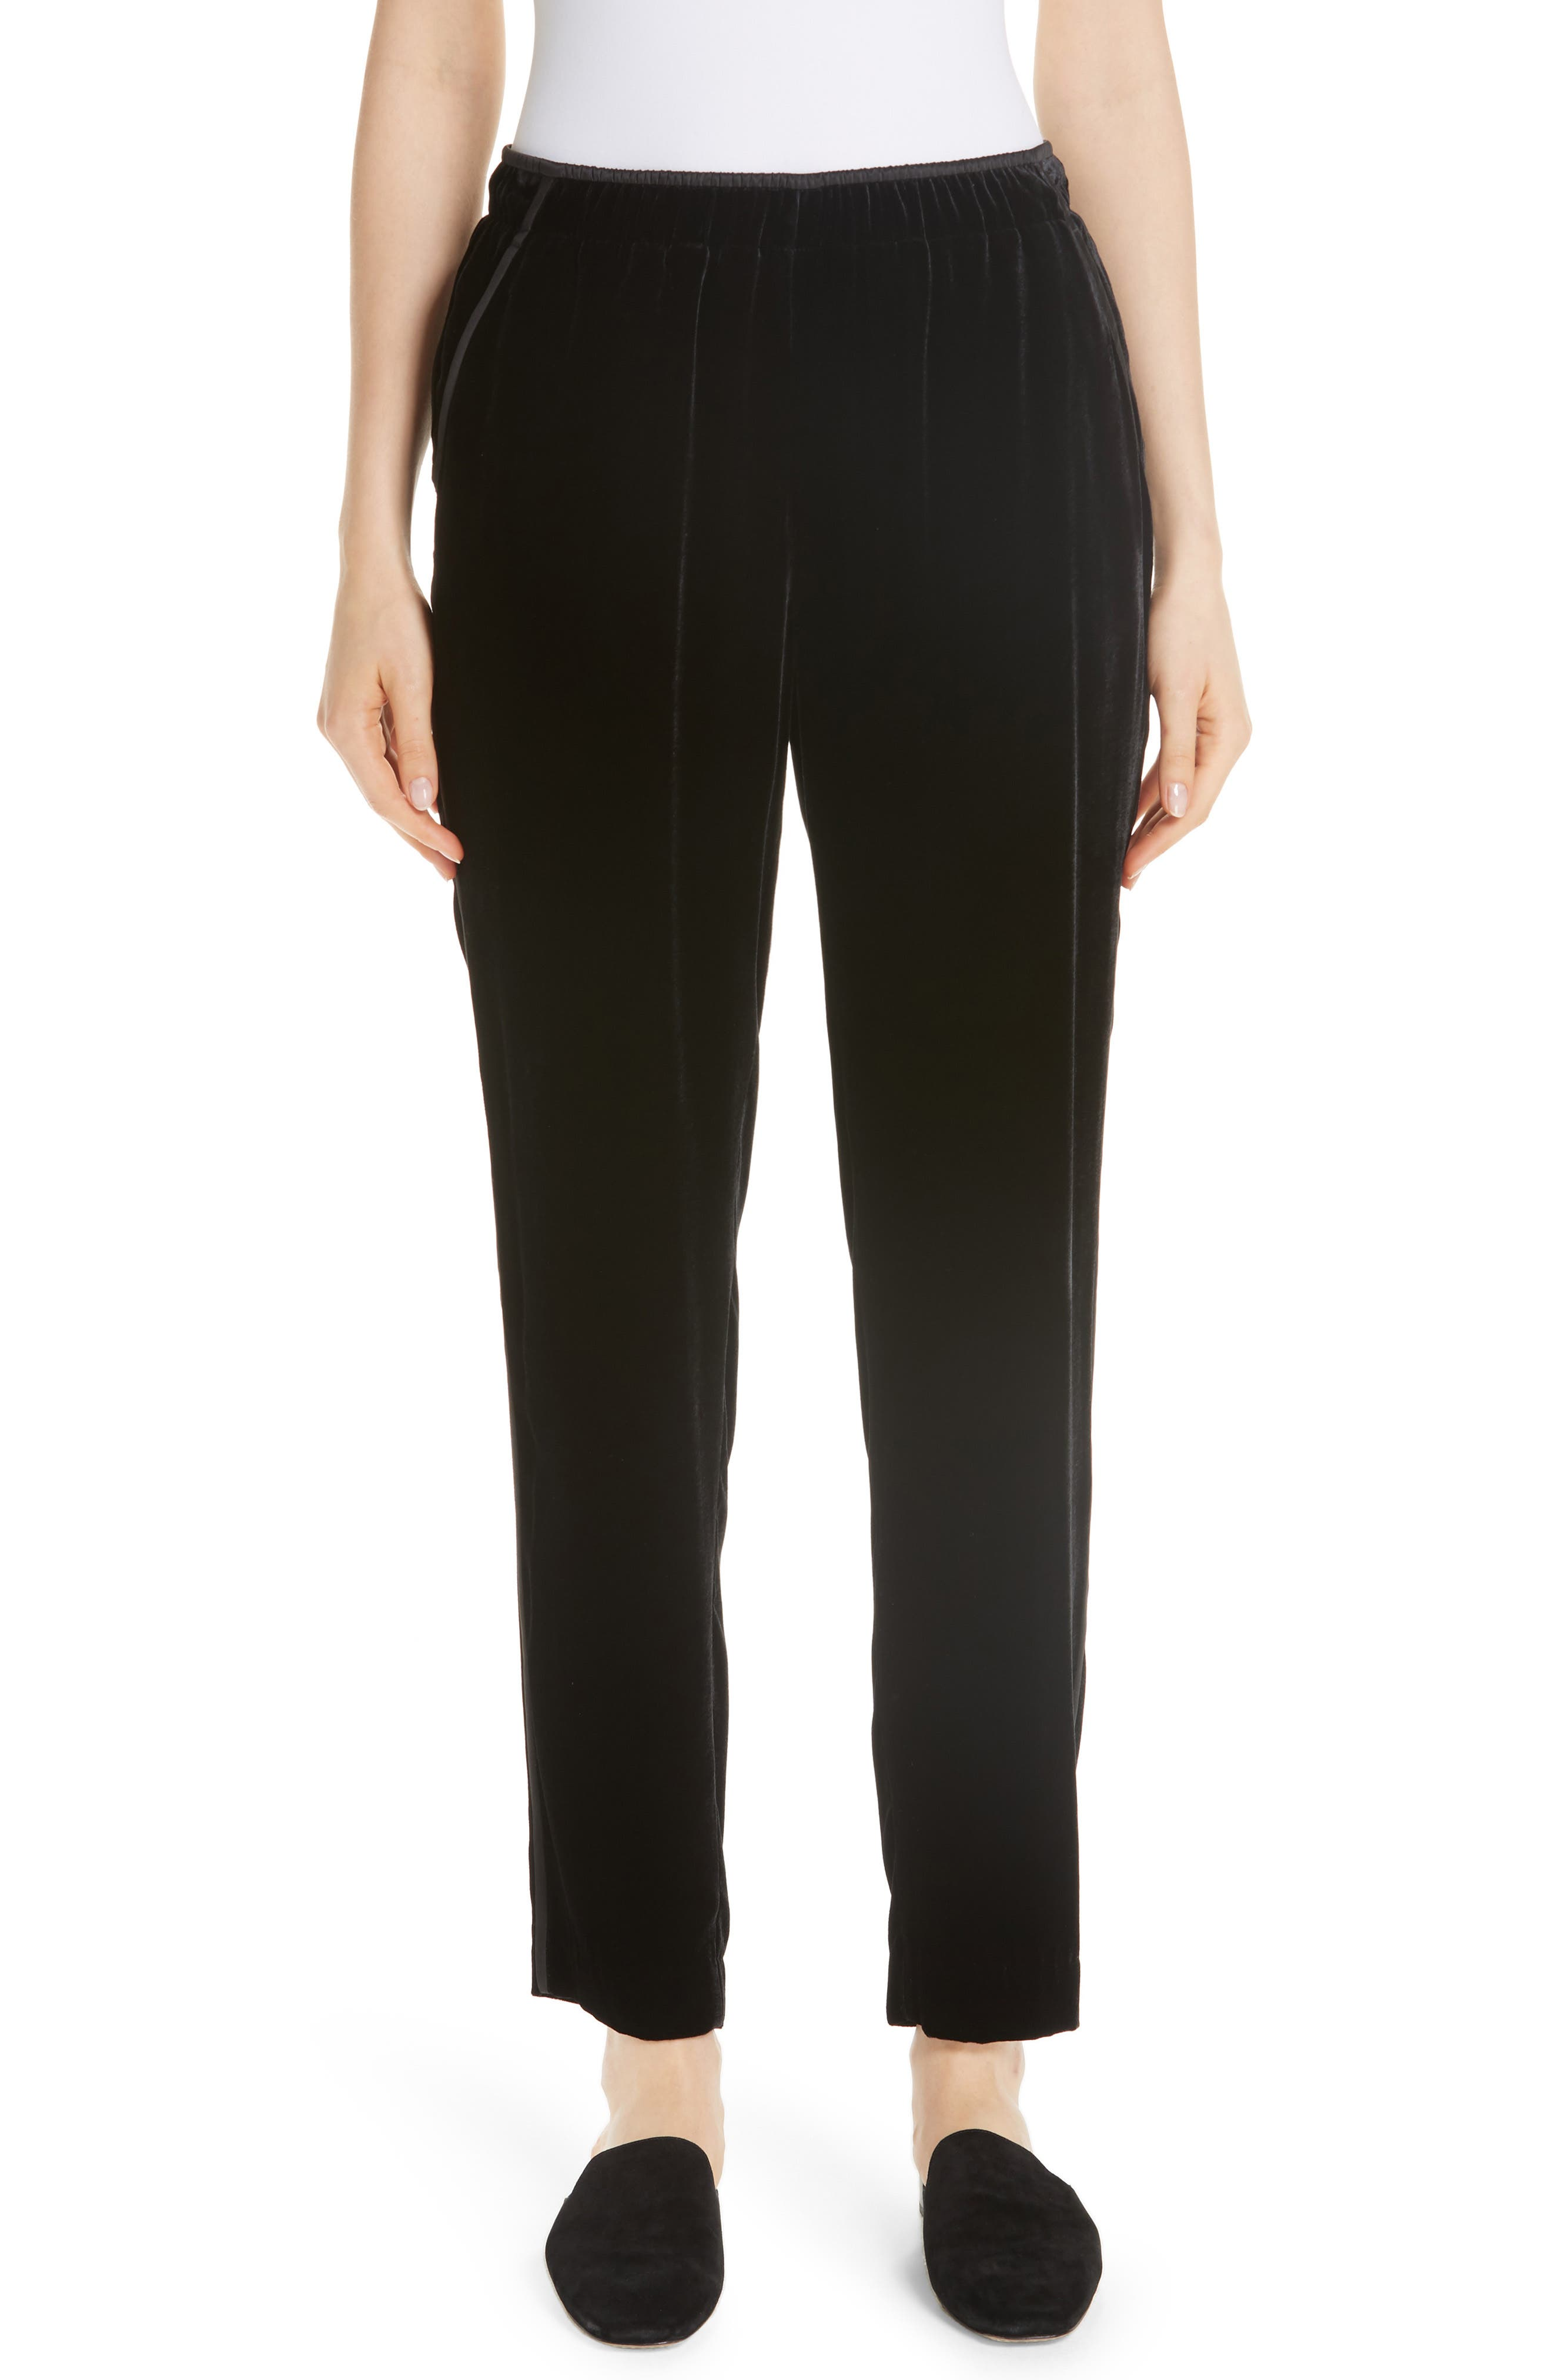 Velvet Track Pants,                             Main thumbnail 1, color,                             BLACK